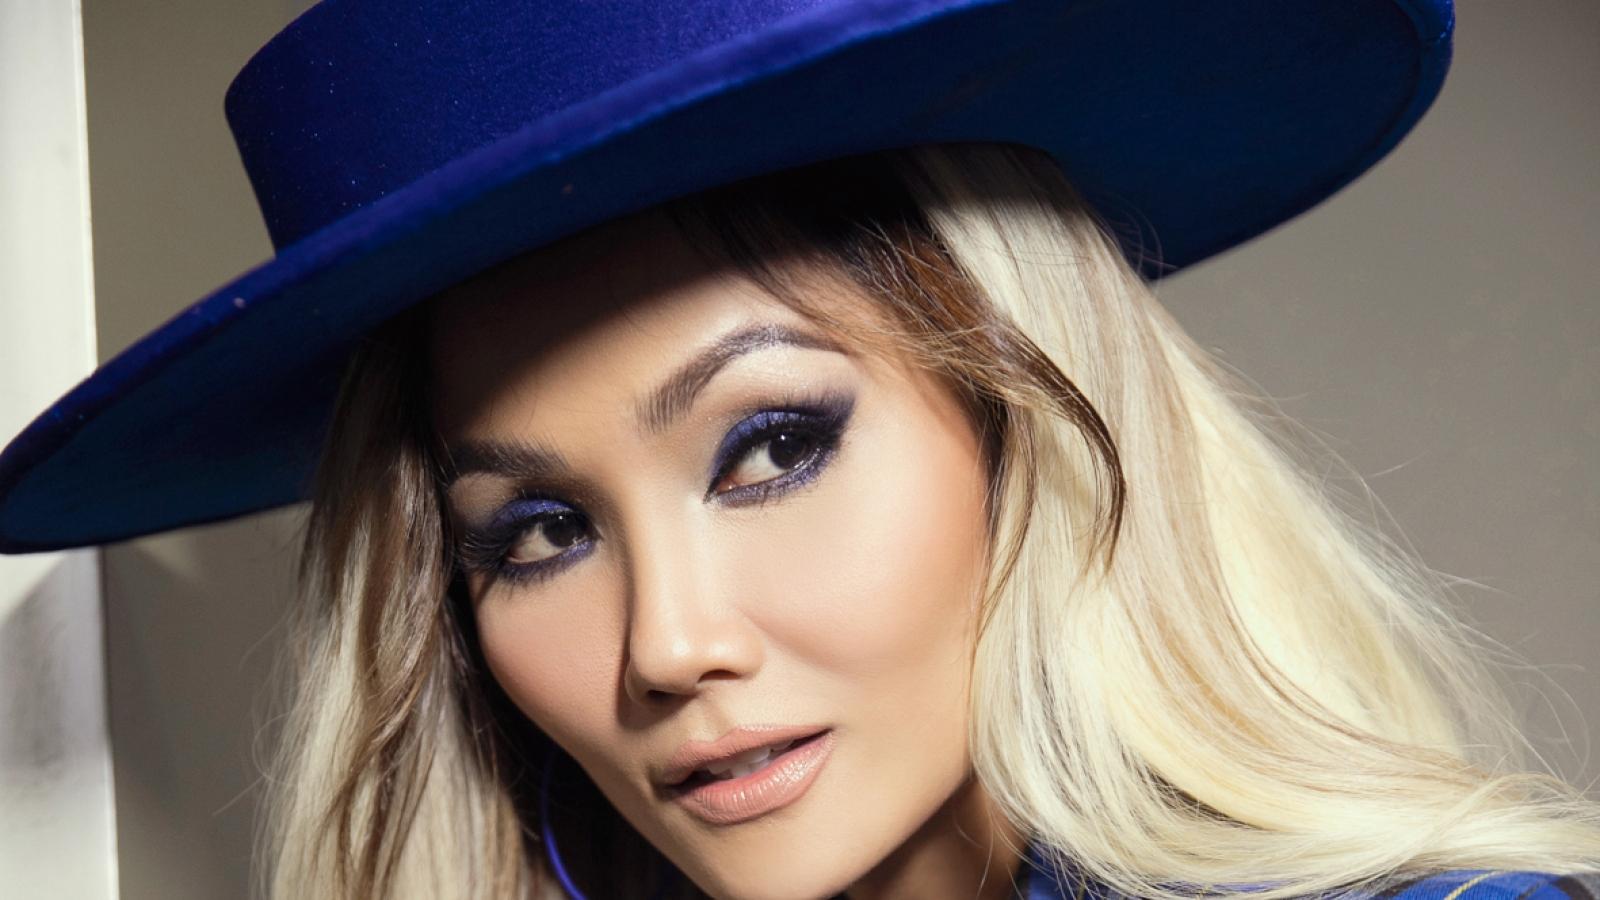 Hoa hậu H'Hen Niê cá tính với nón rộng vành, tone xanh nổi bật